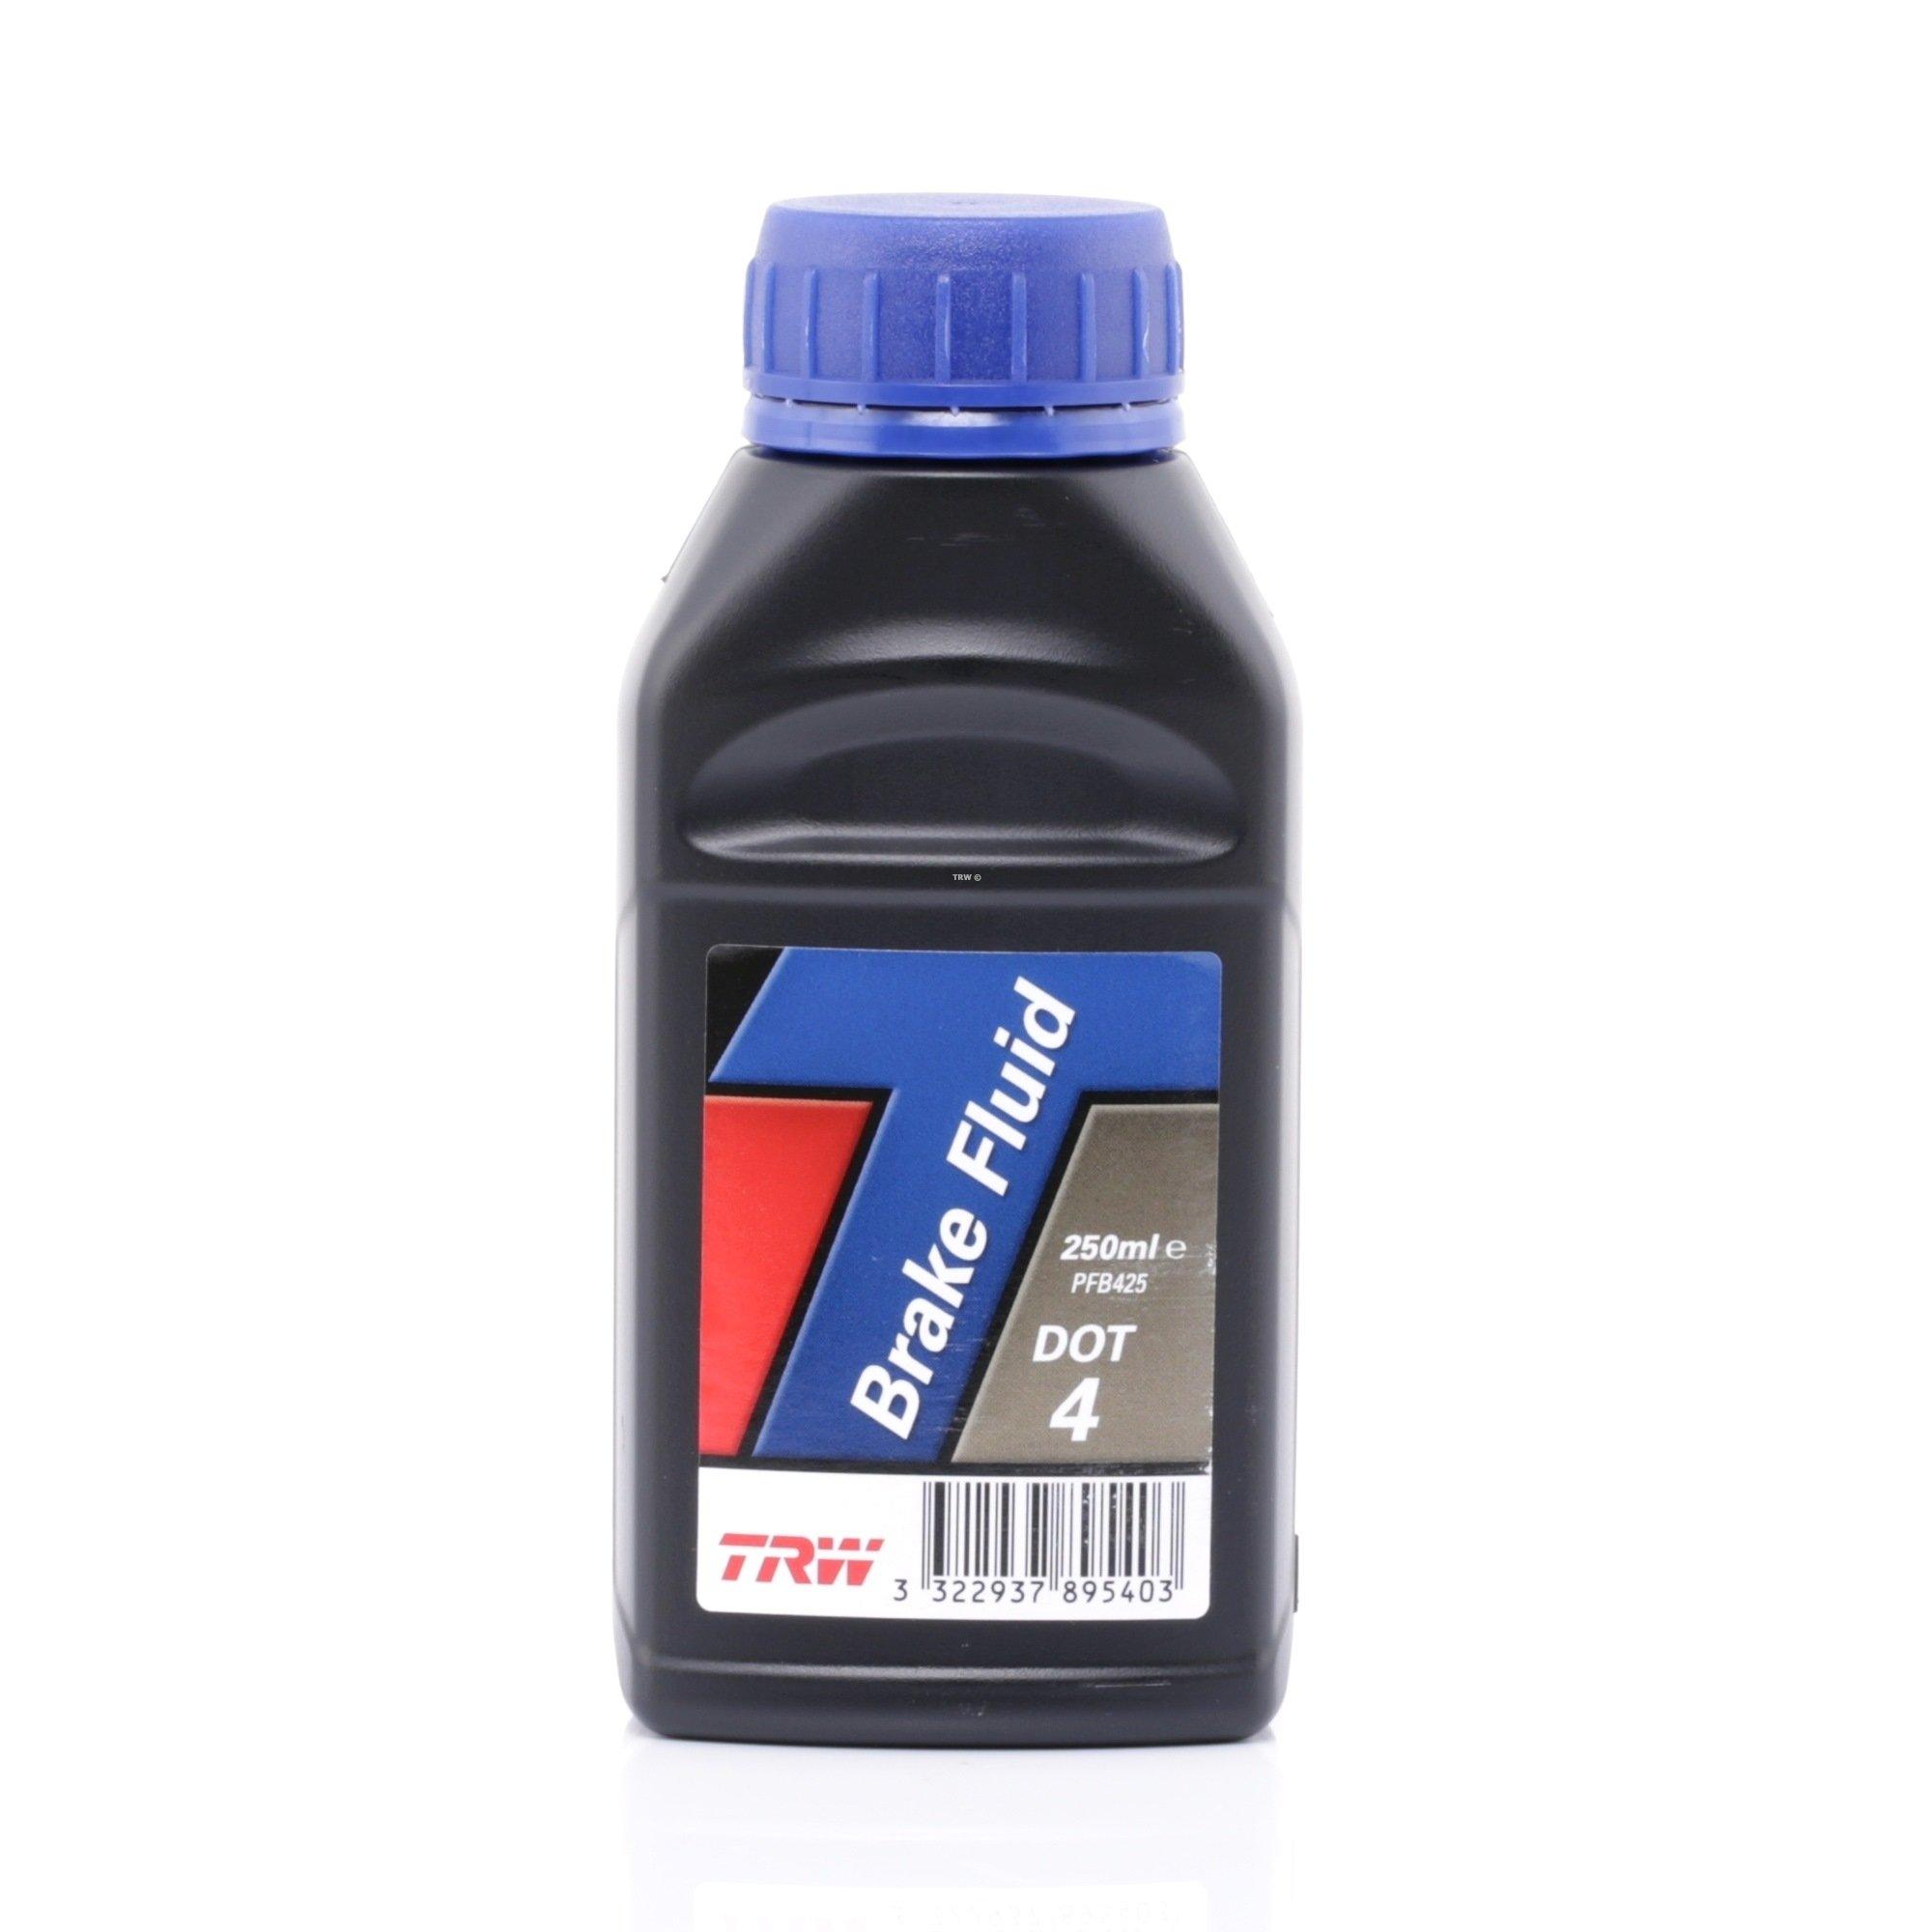 Жидкость тормозная TRW BRAKE FLUID DOT 4  0.25л.